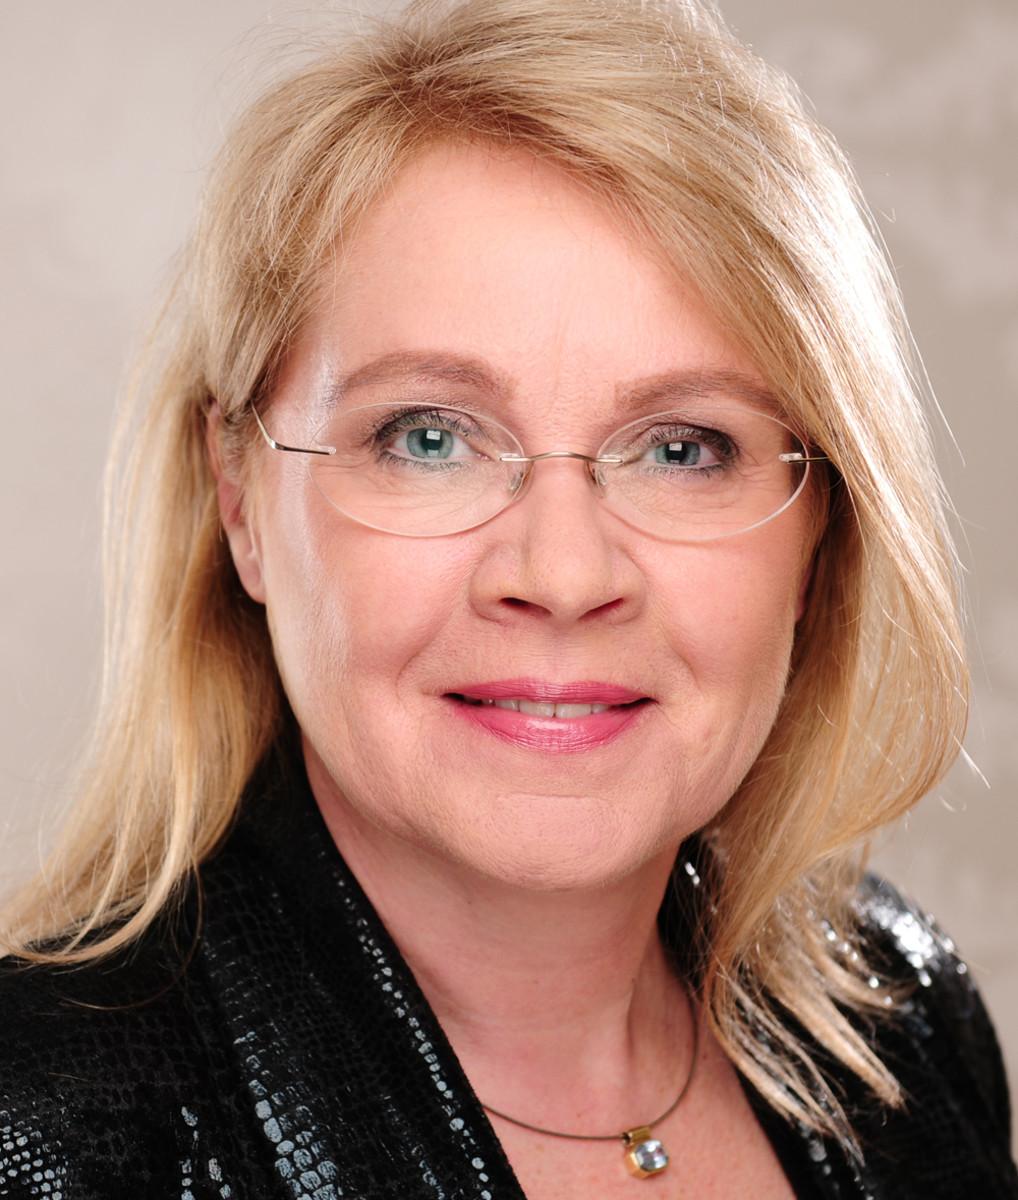 Birgit Schnaase